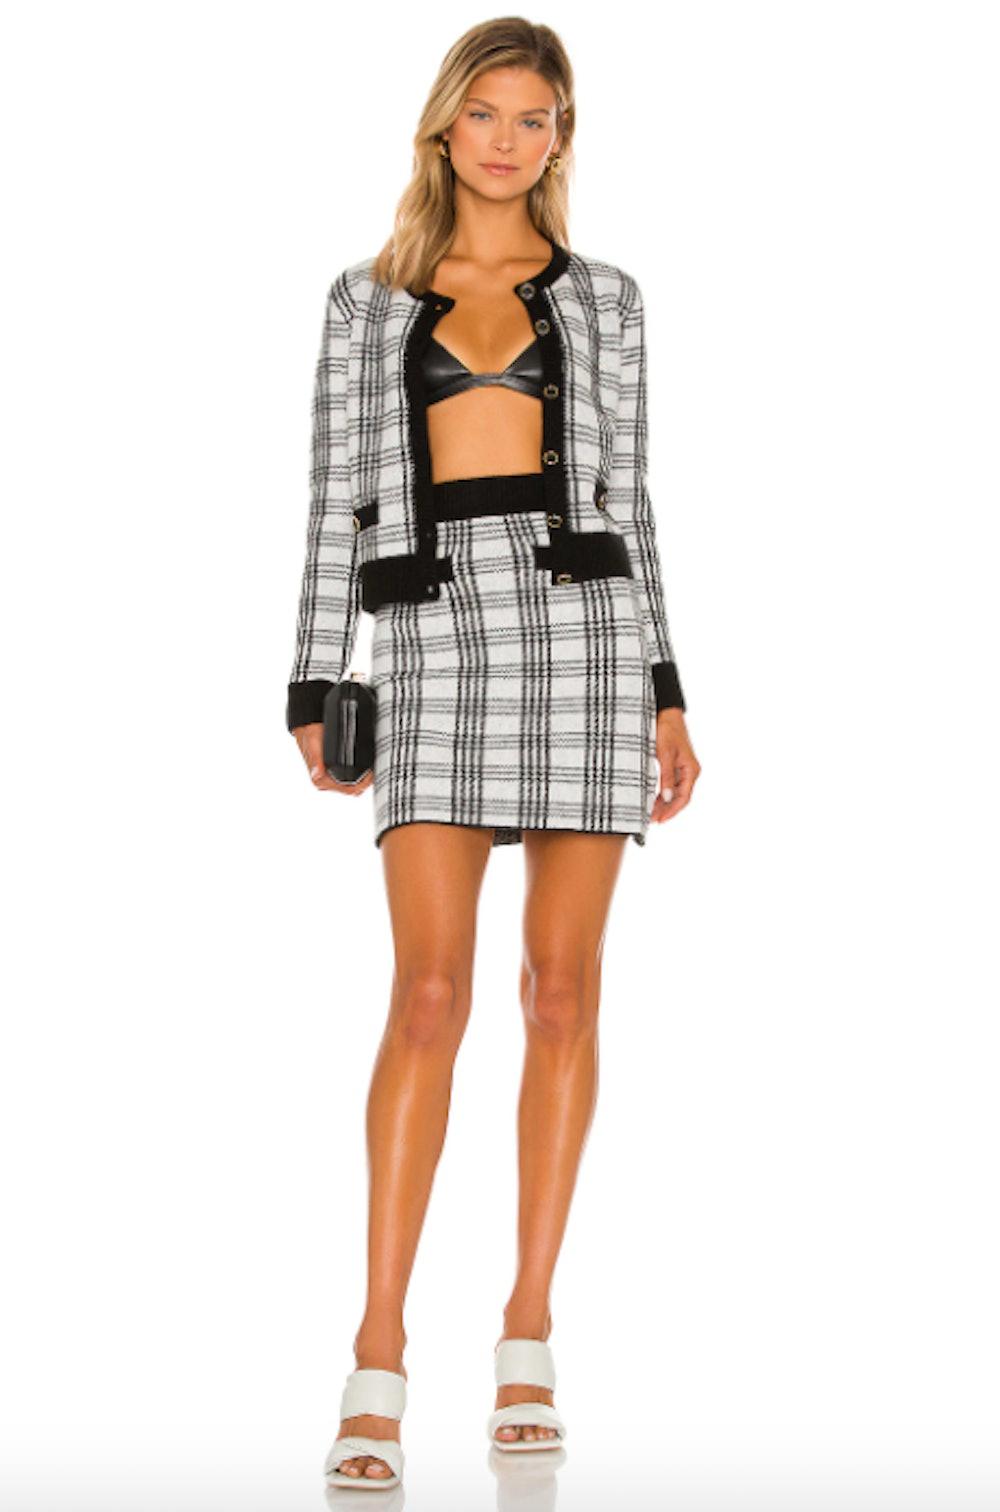 Saylor Bethanie Top & Skirt Set